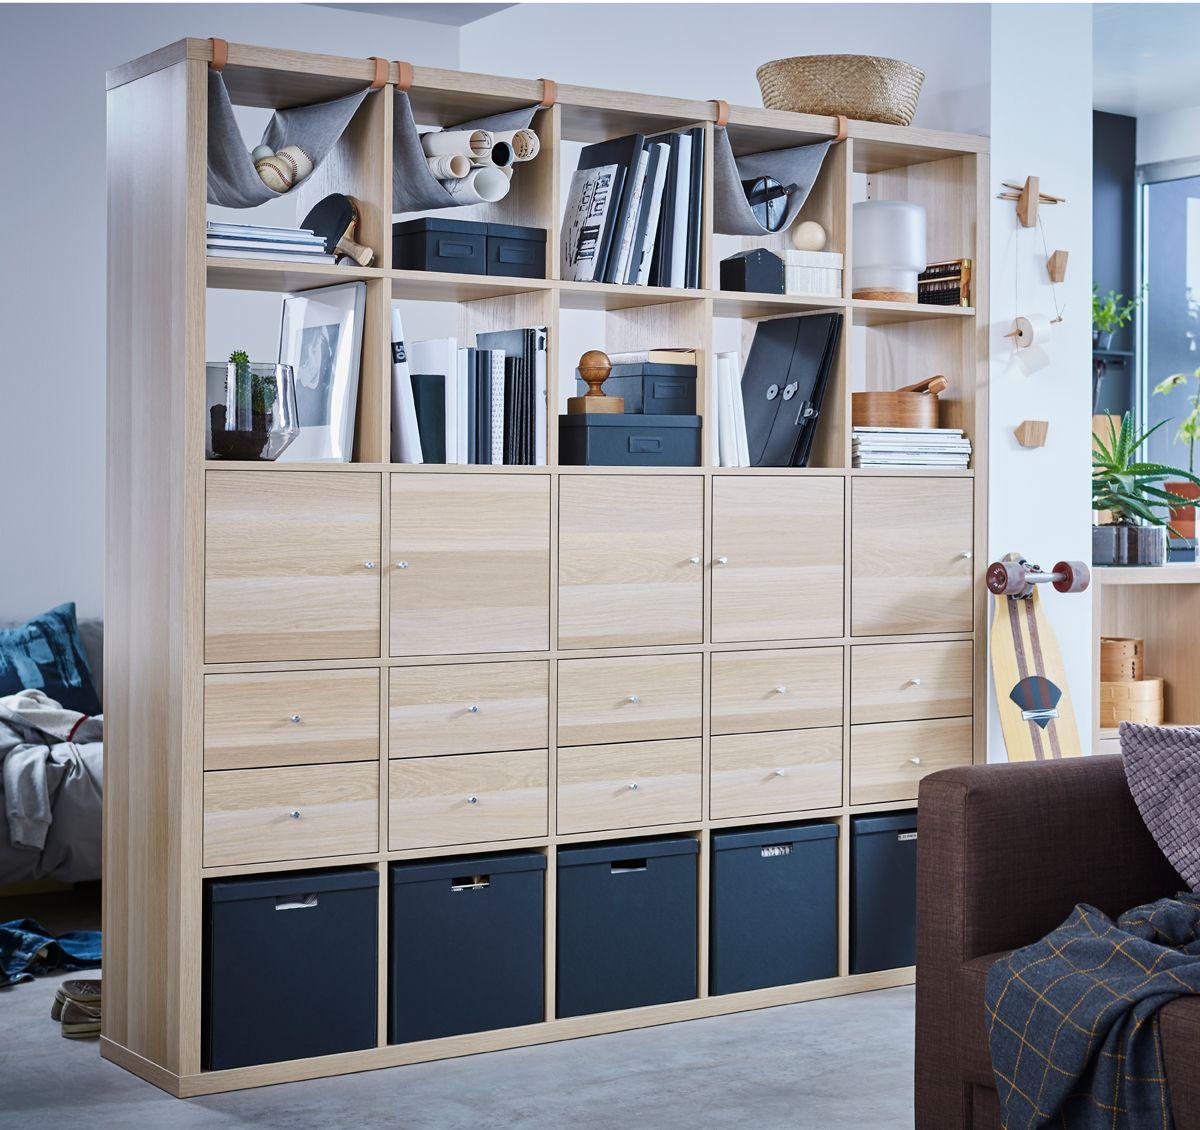 Kallax Ideen Schlafzimmer Bildergebnis Fur Ikea Kallax Raumteiler